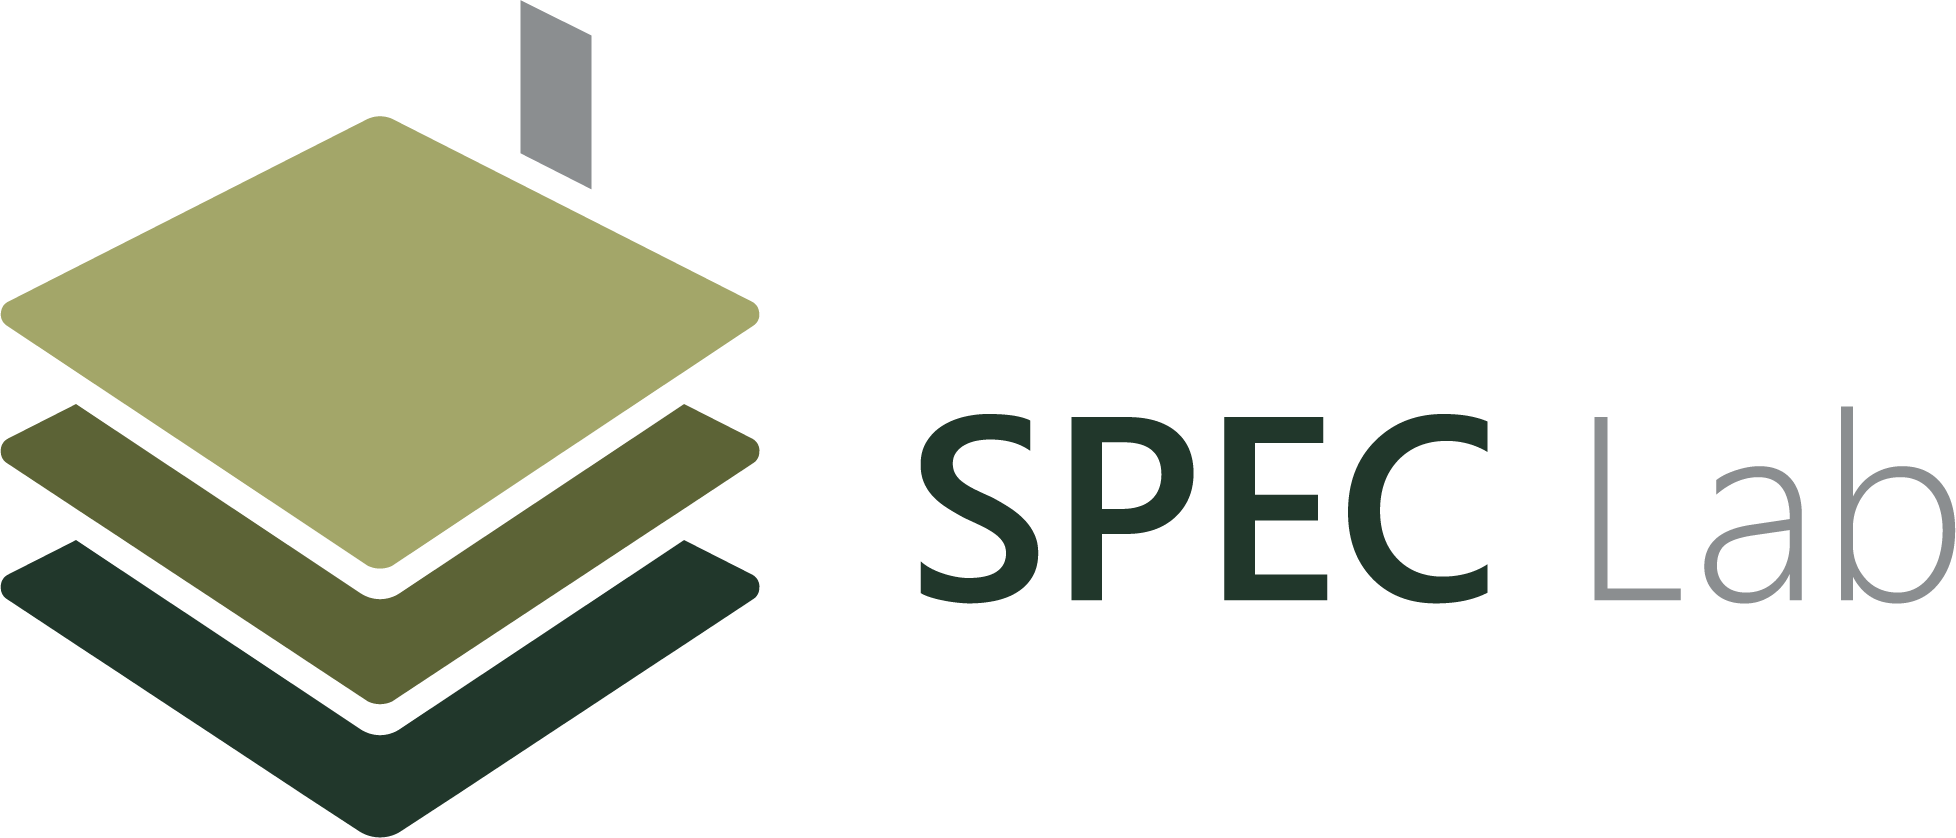 SPEC Lab_logo horizontální_základní barevnost